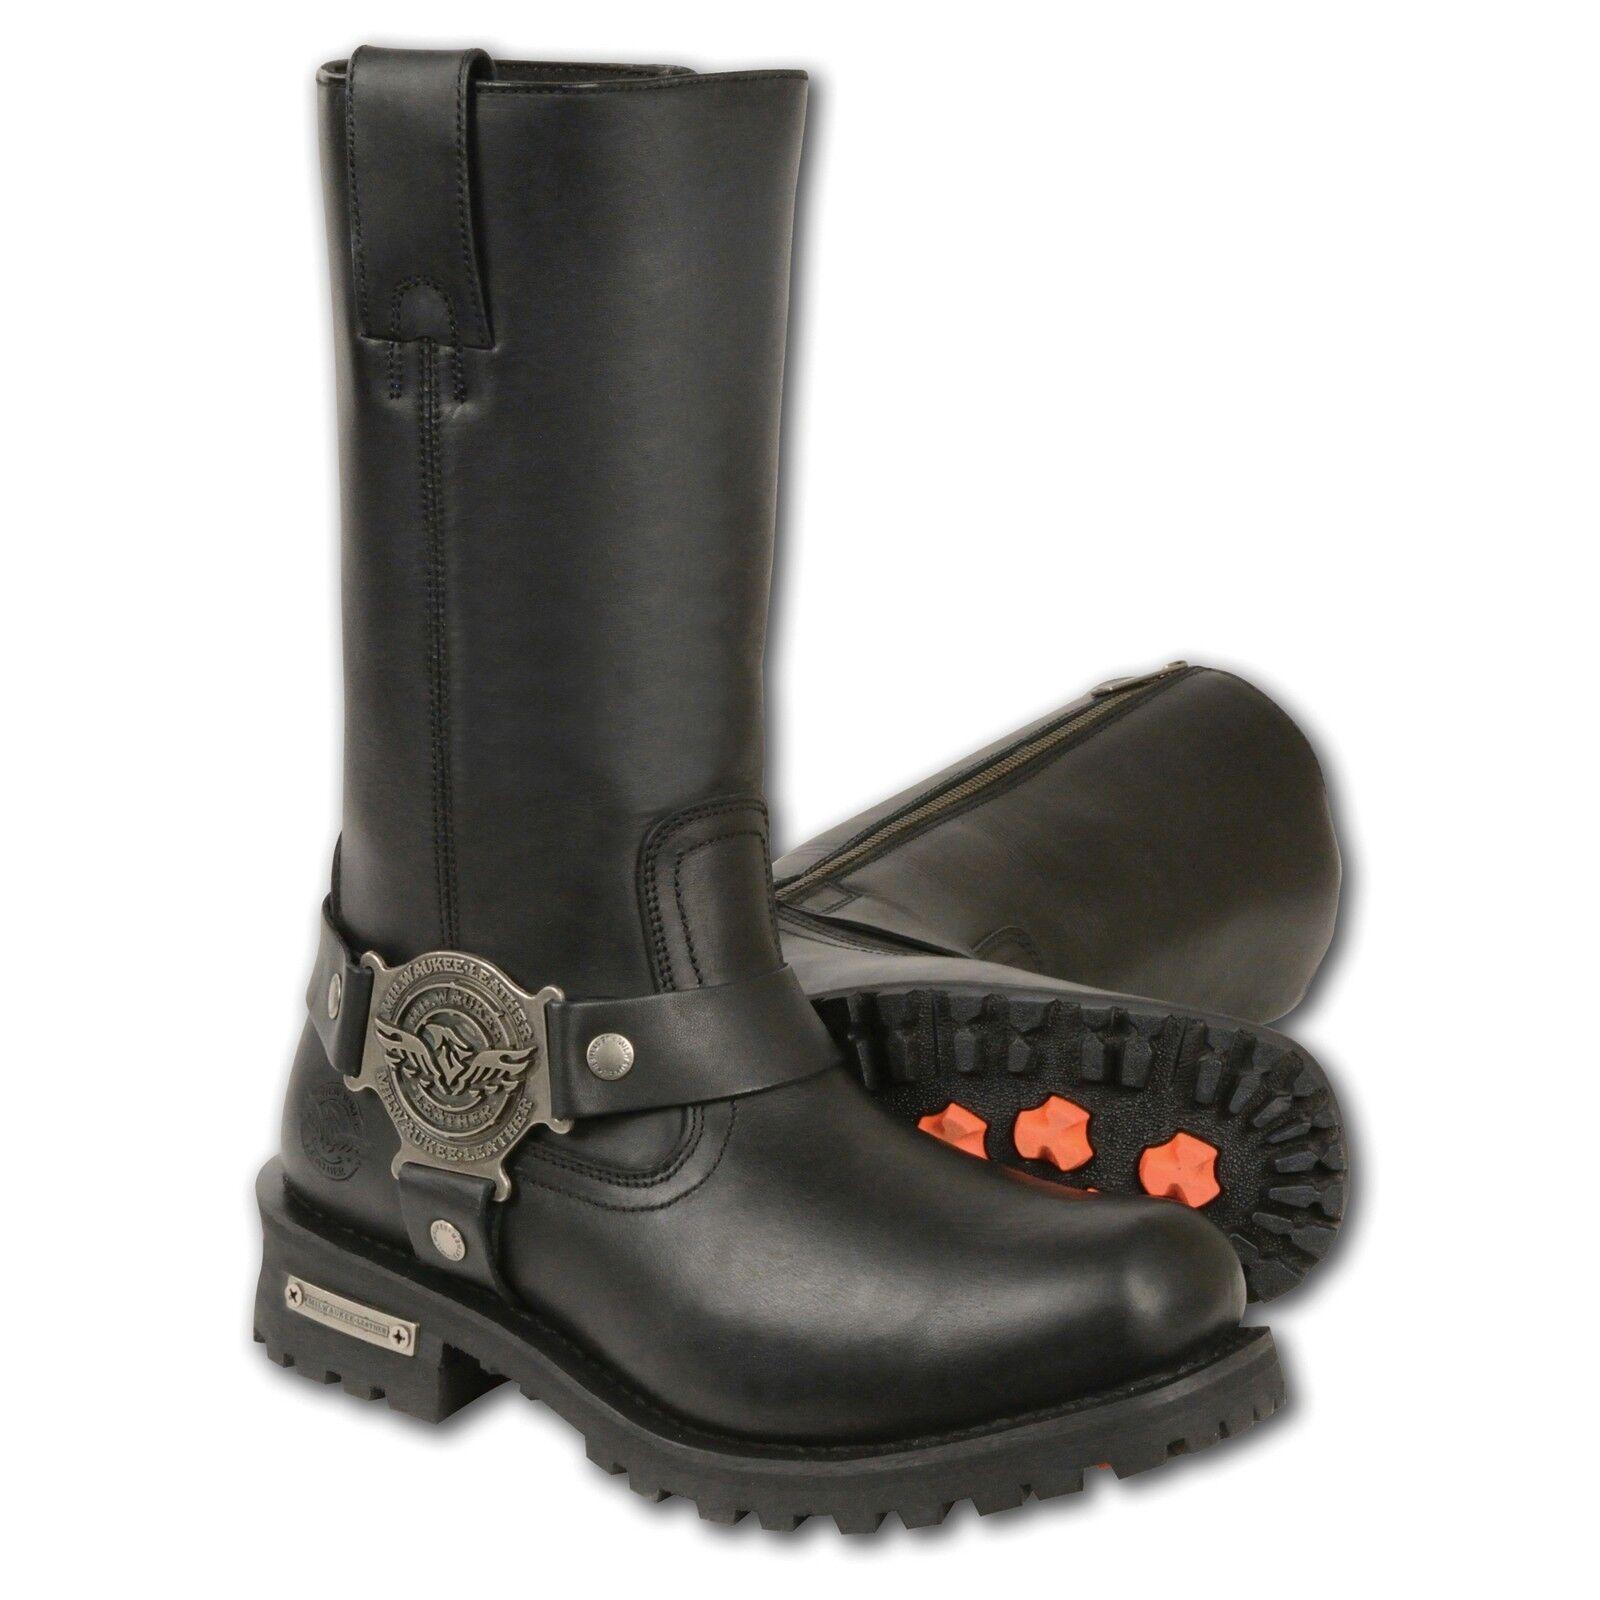 """economico in alta qualità Milwaukee Leather Ladies 11"""" Inch Classic Harness Square Square Square Toe avvioMBL9360  disponibile"""